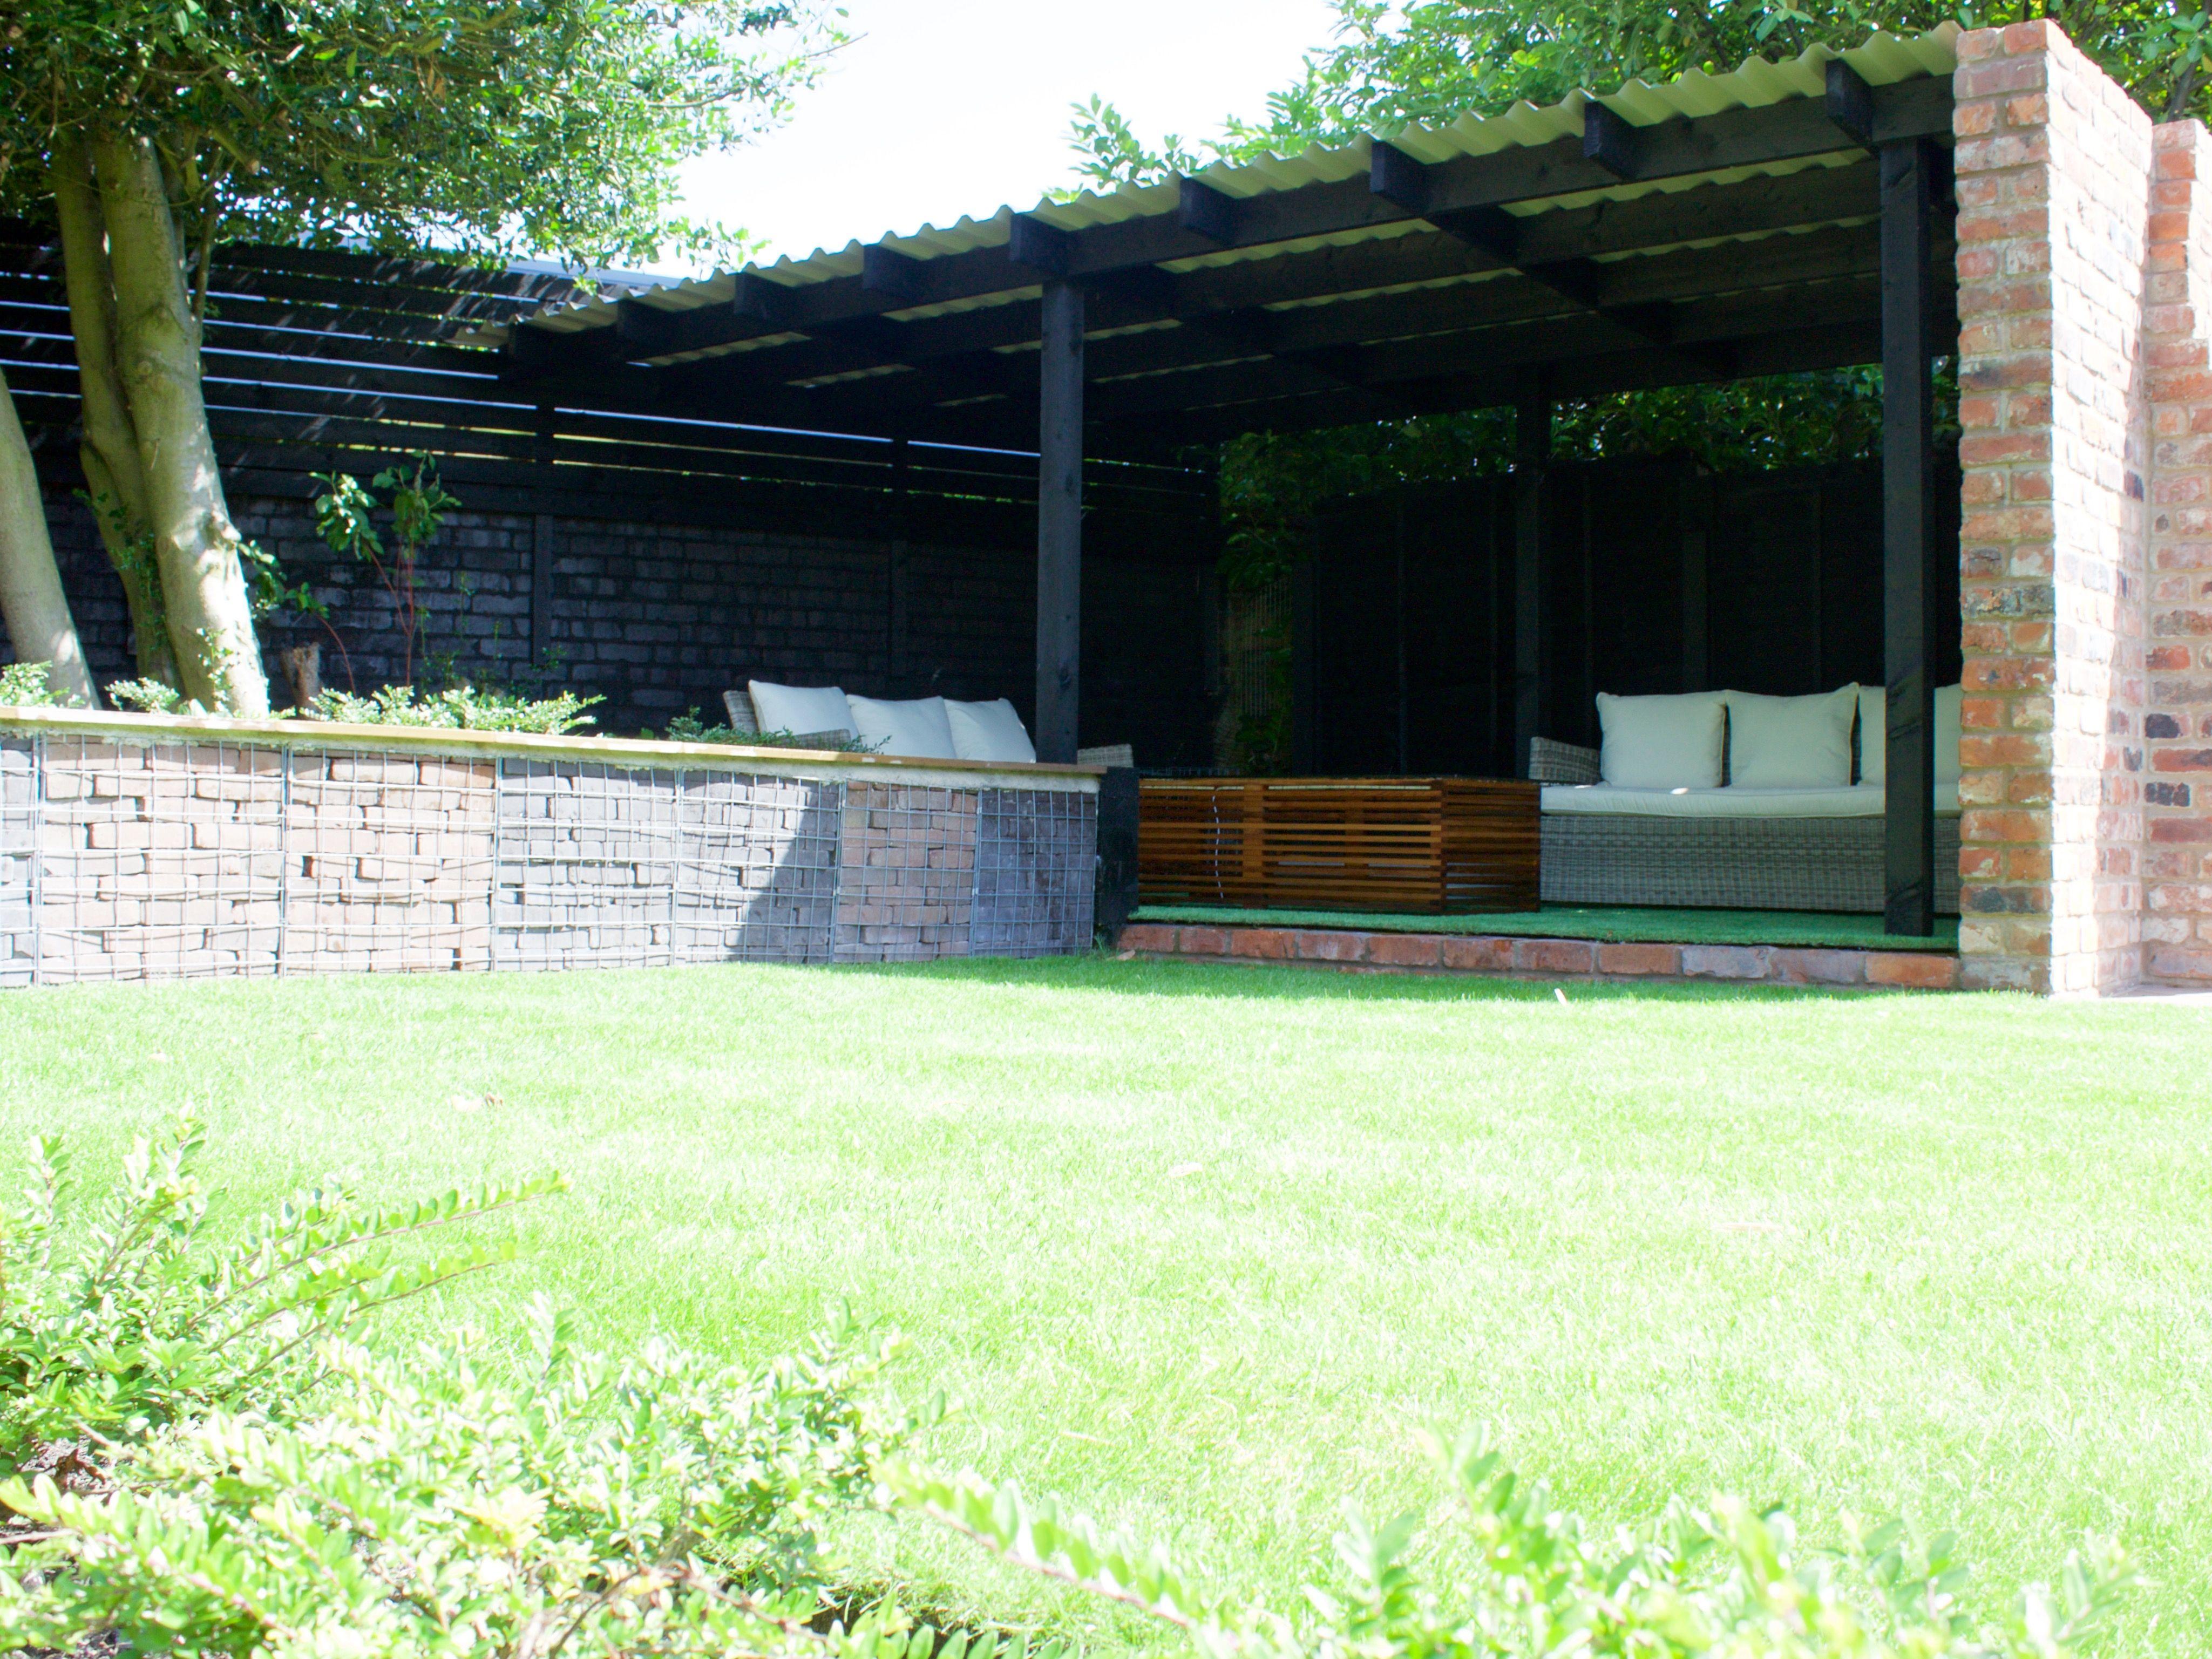 Cheshire Brick Sandstone Paving Gabion Cages Outdoor Seating Ferns Bamboo Lawn Outdoor Courtyard Gardens Design Modern Garden Design Back Garden Design